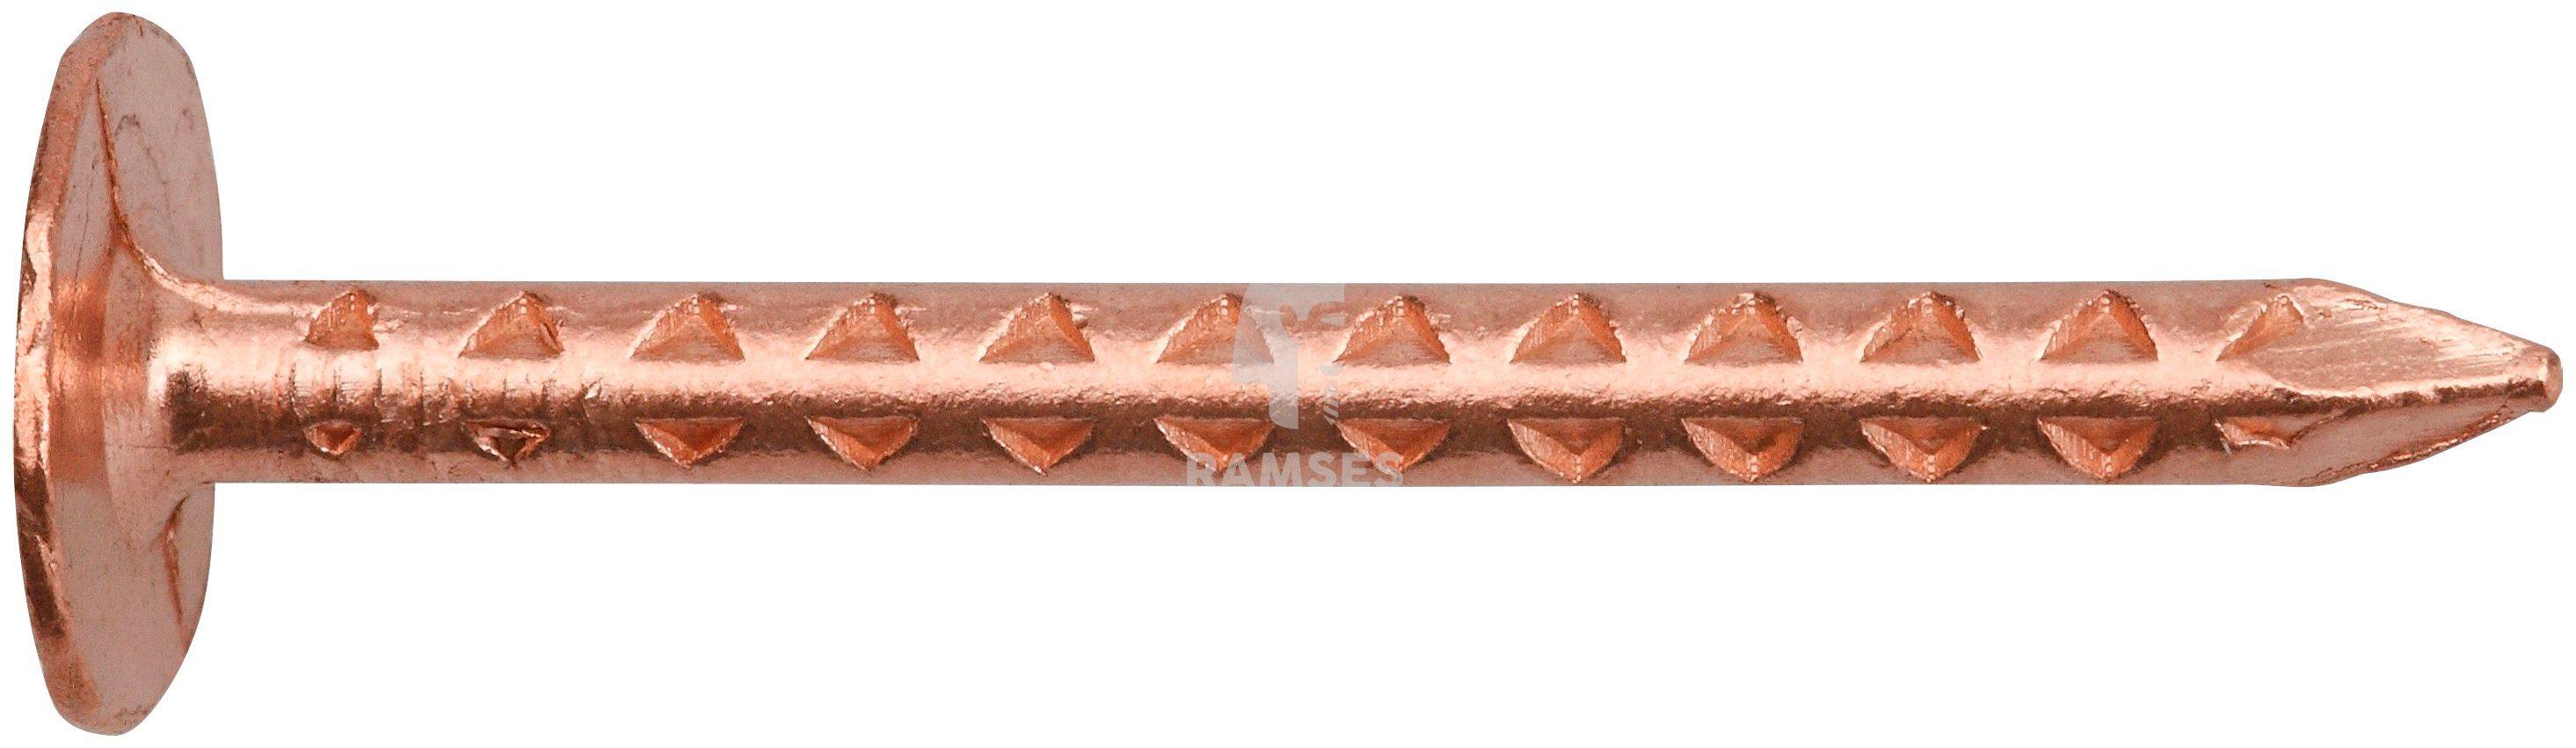 RAMSES Nagel , Dachpappstifte DIN 1160 2,8 x 35 mm Kupfer, 2,5 kg